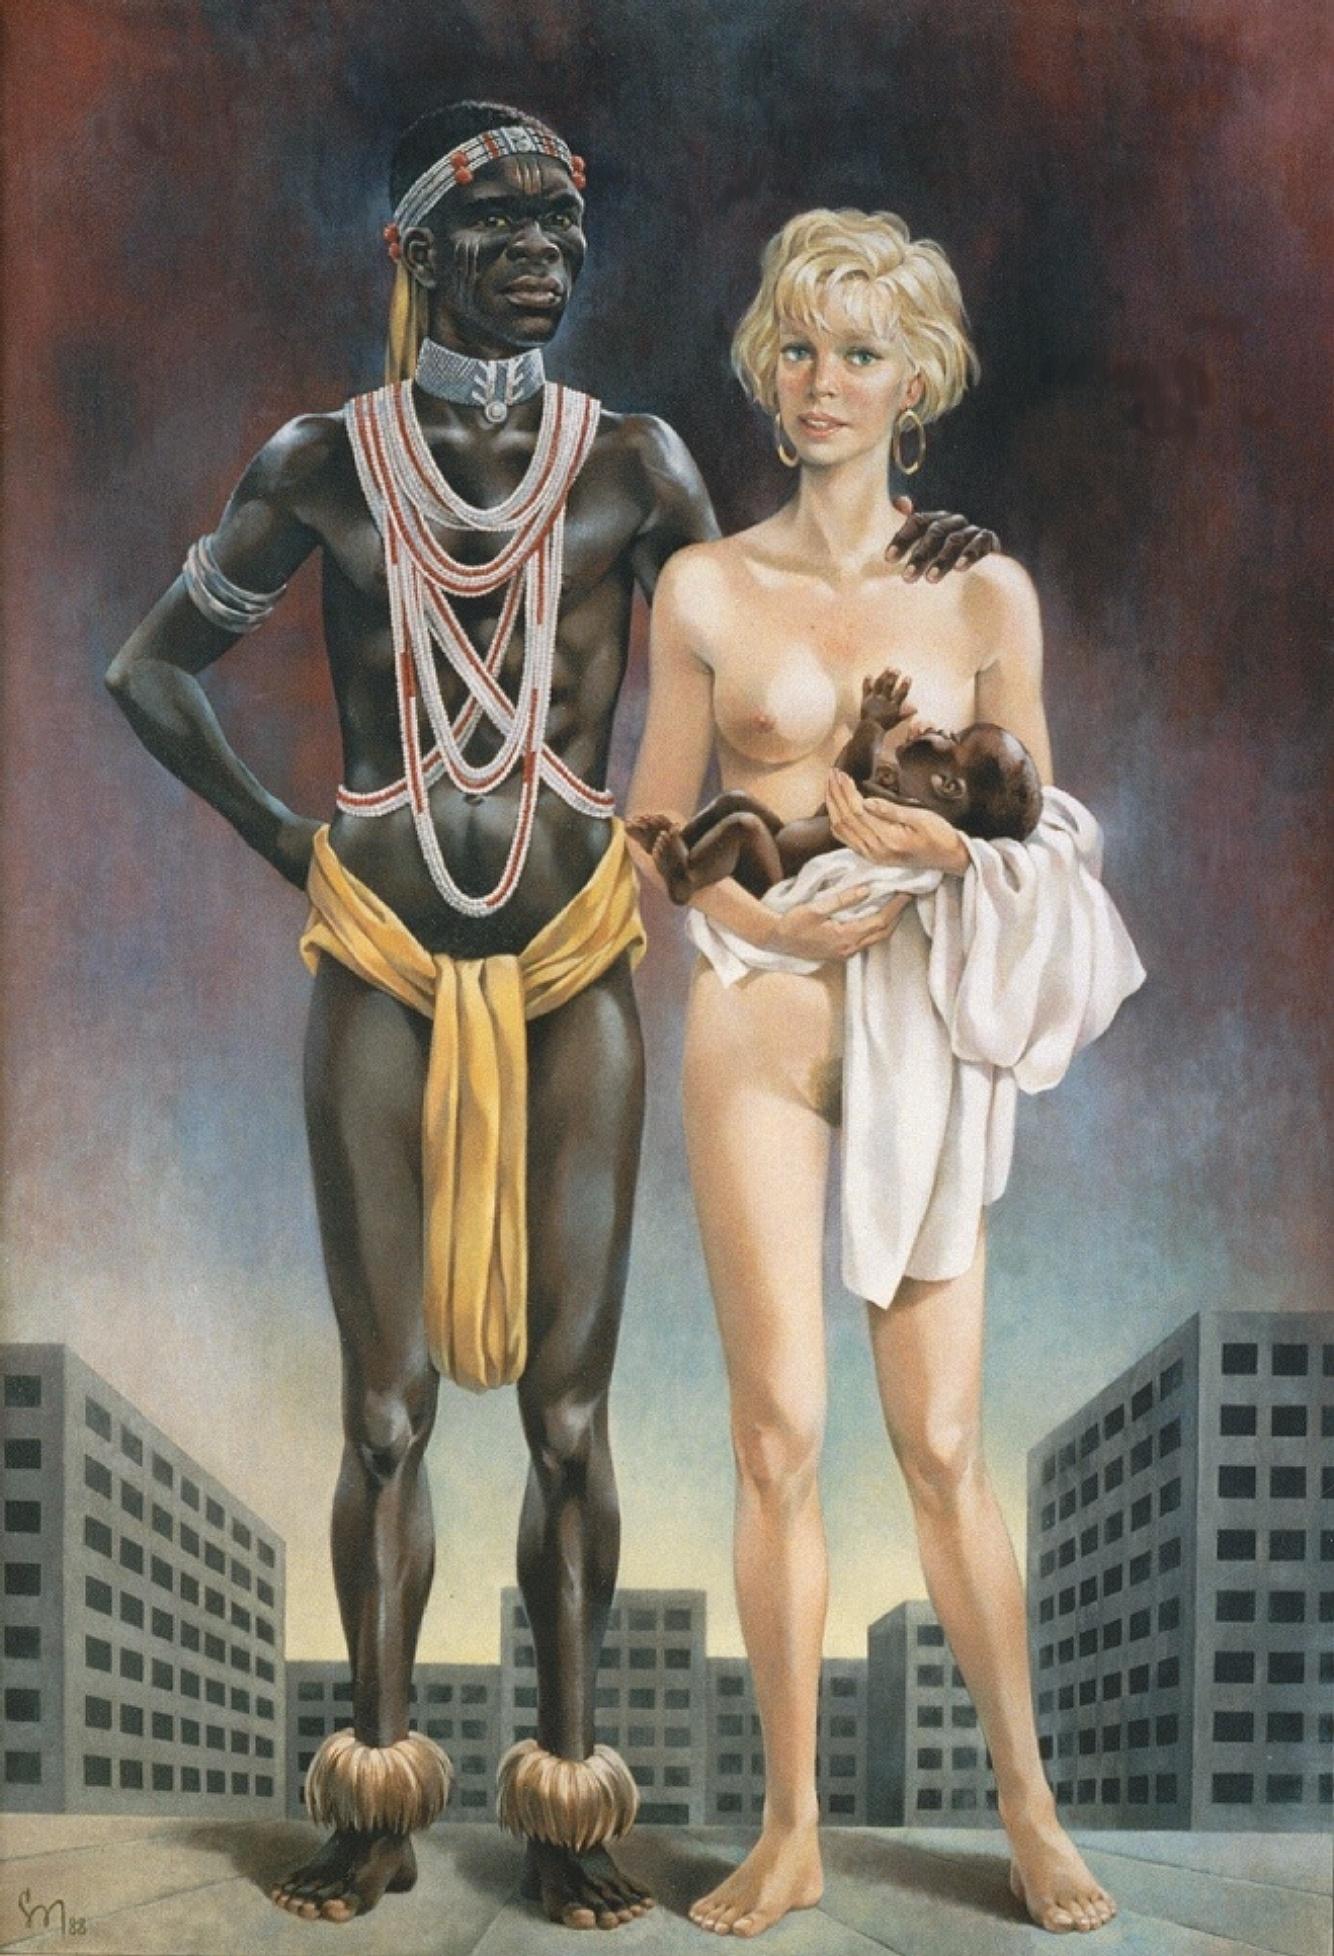 Сборка межрассового порева белых девушек черными фаллосами  408483